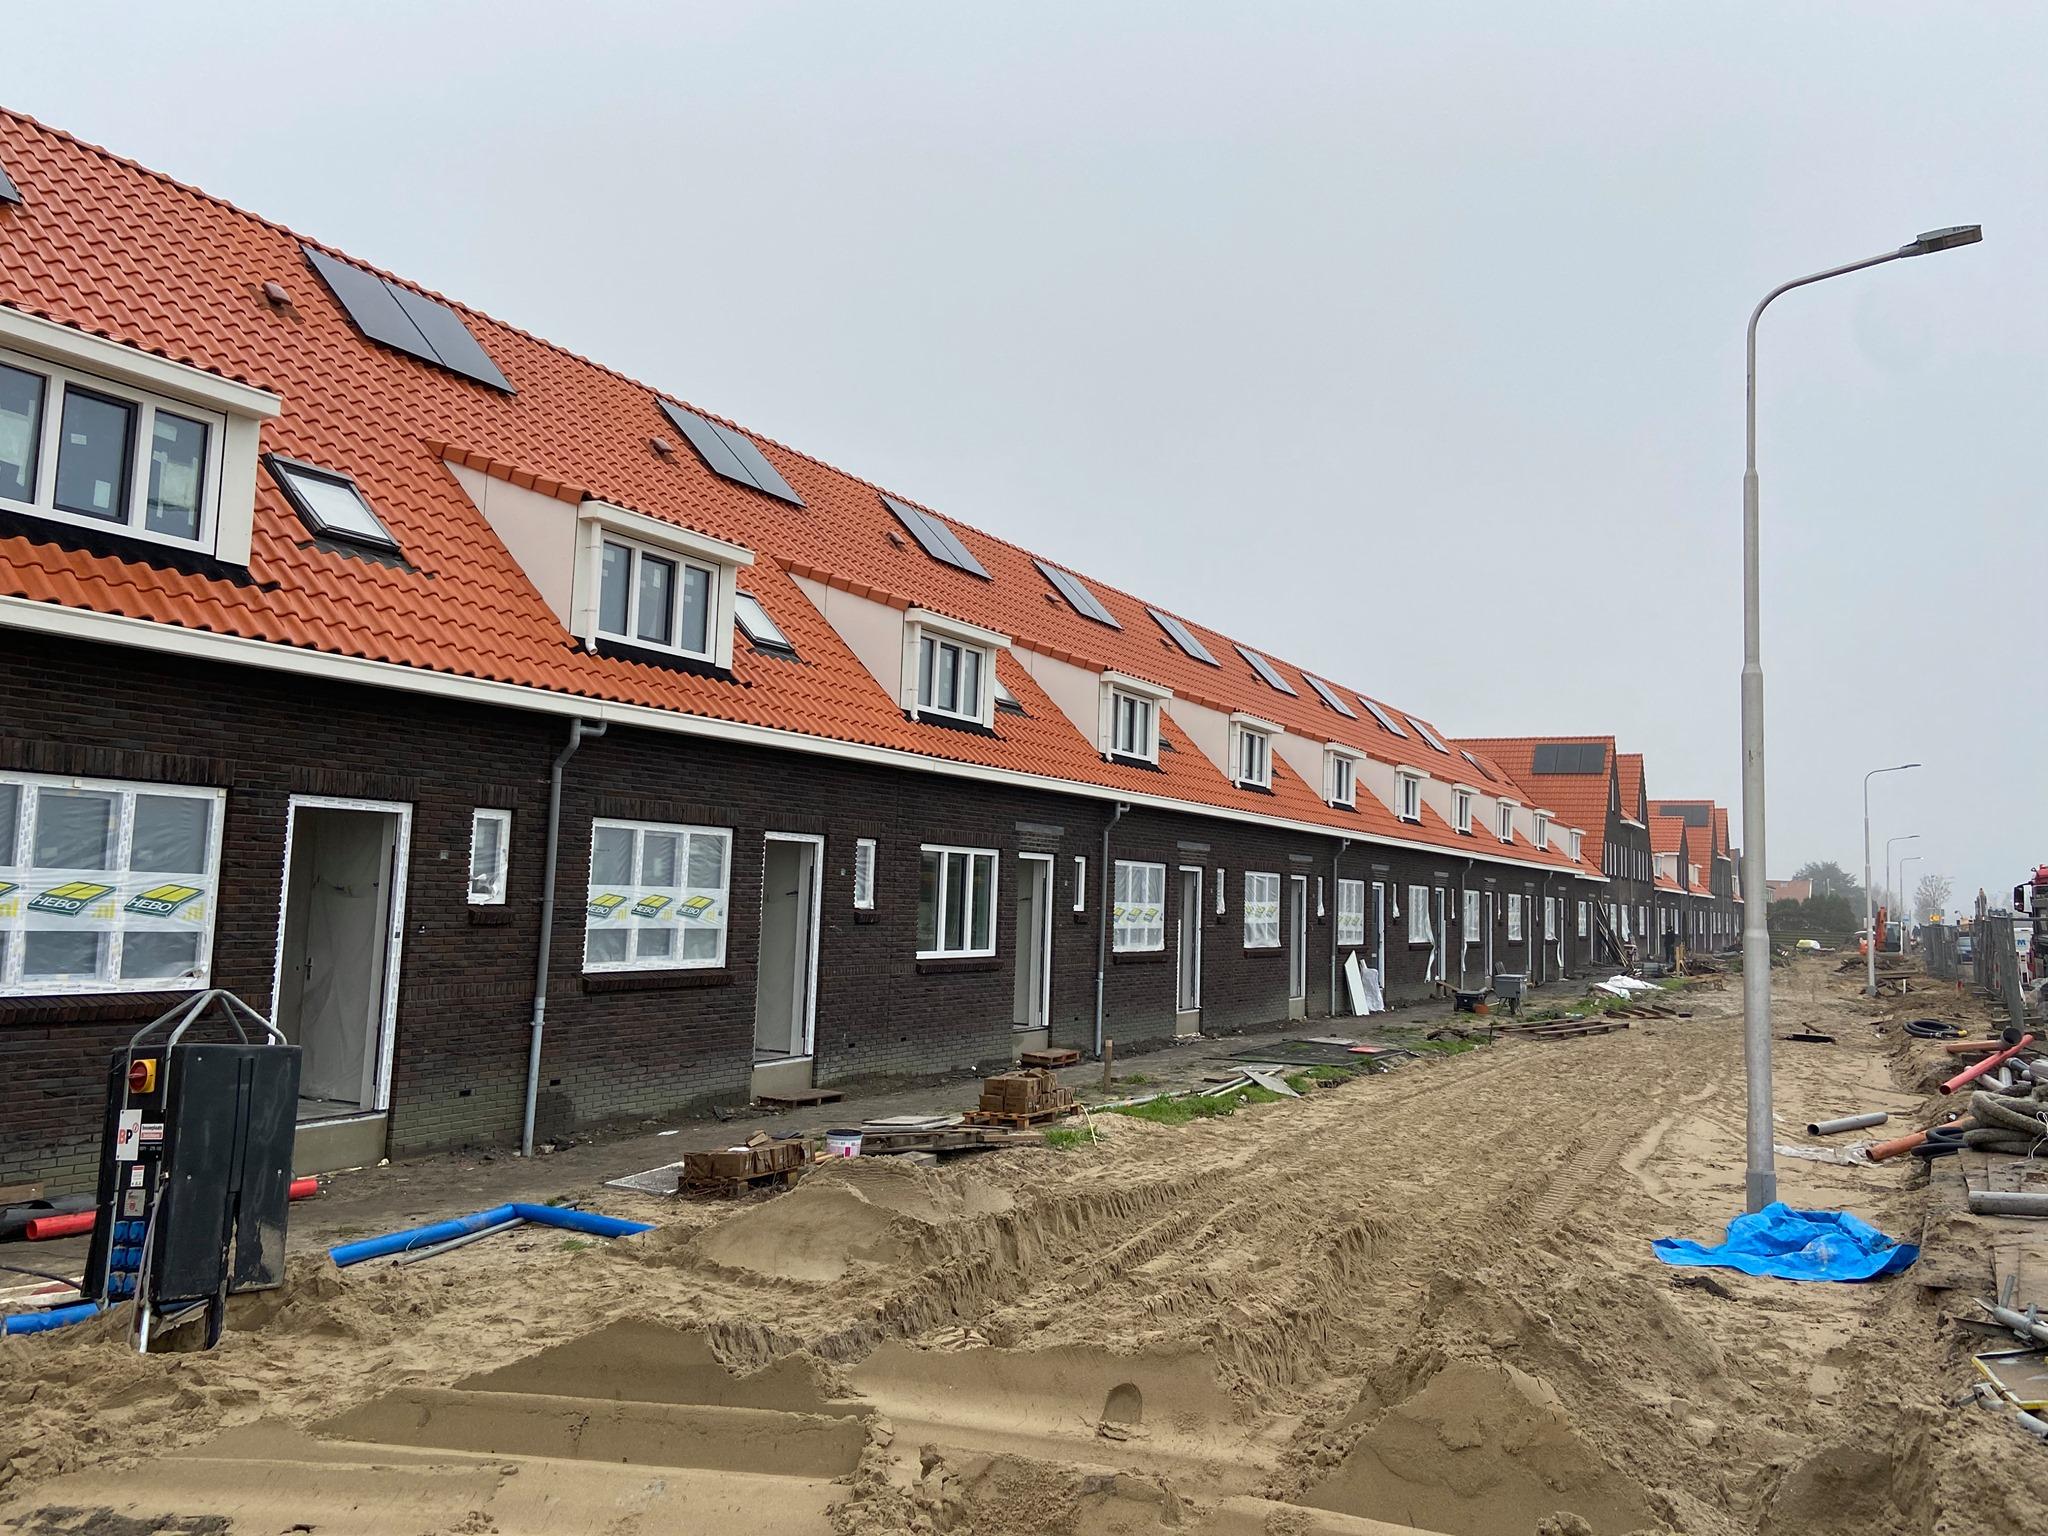 Machineweg Aalsmeer